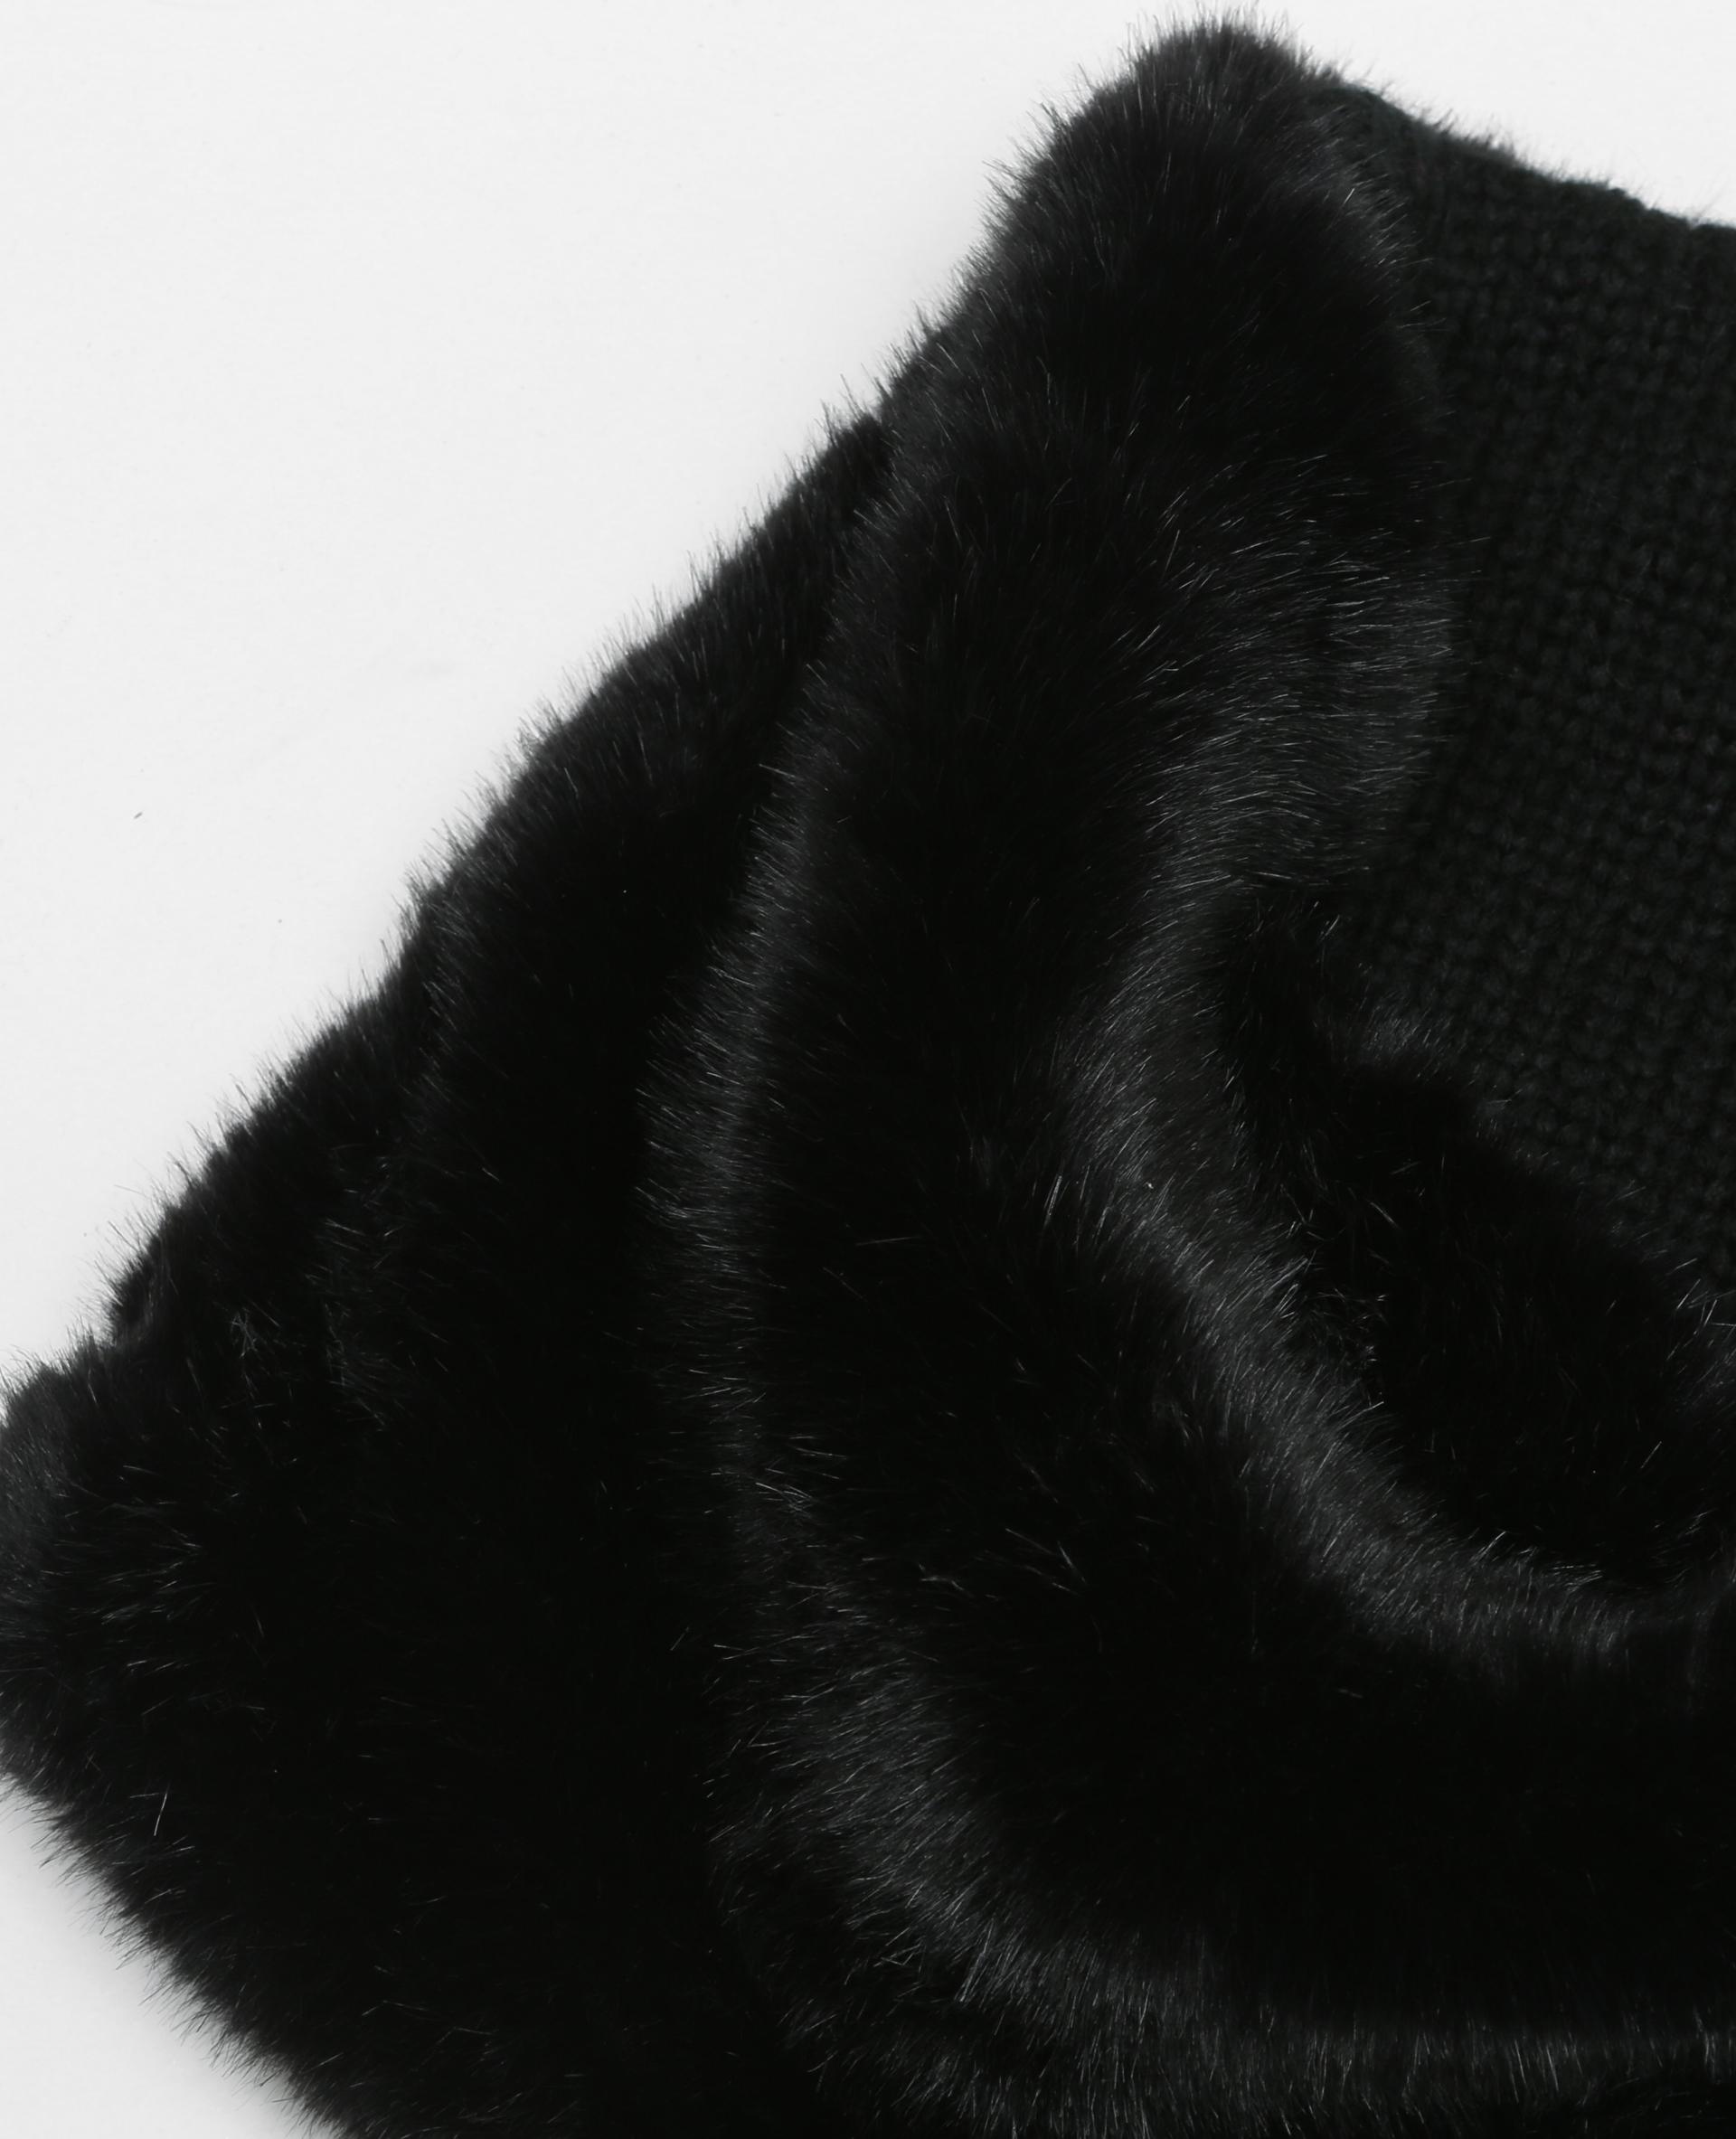 7c97a1e950a4 Snood fausse fourrure noir - 916054899A08   Pimkie